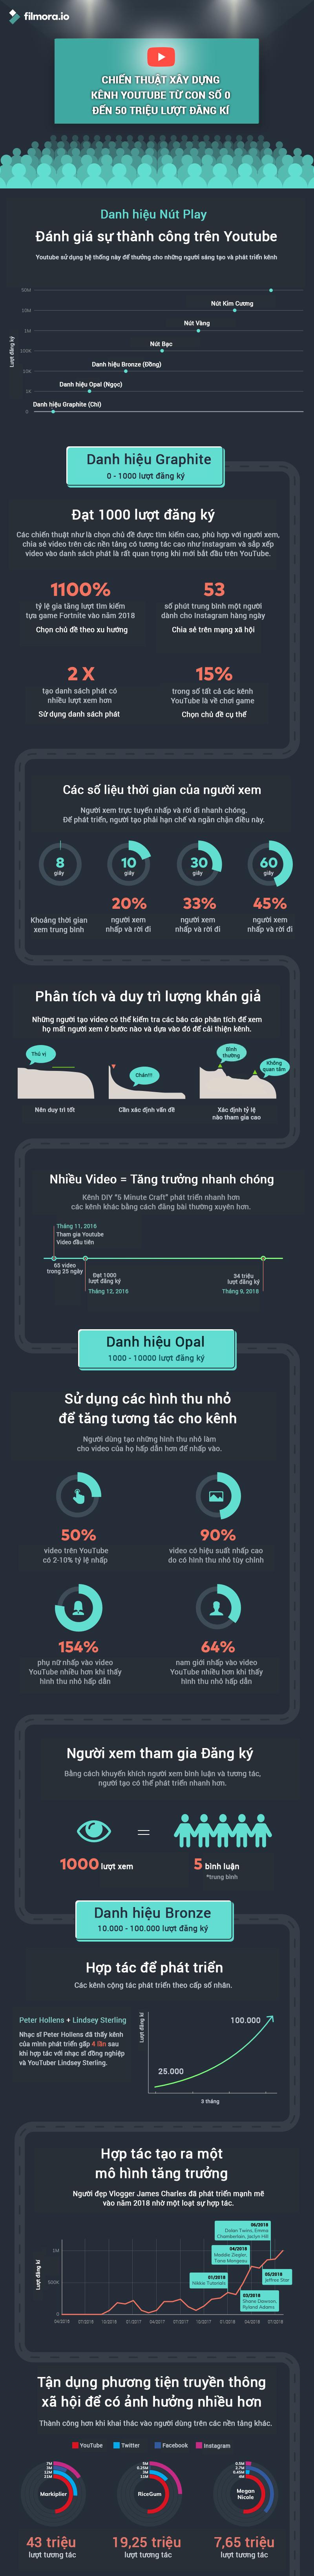 Đang tải Youtube-1.png…